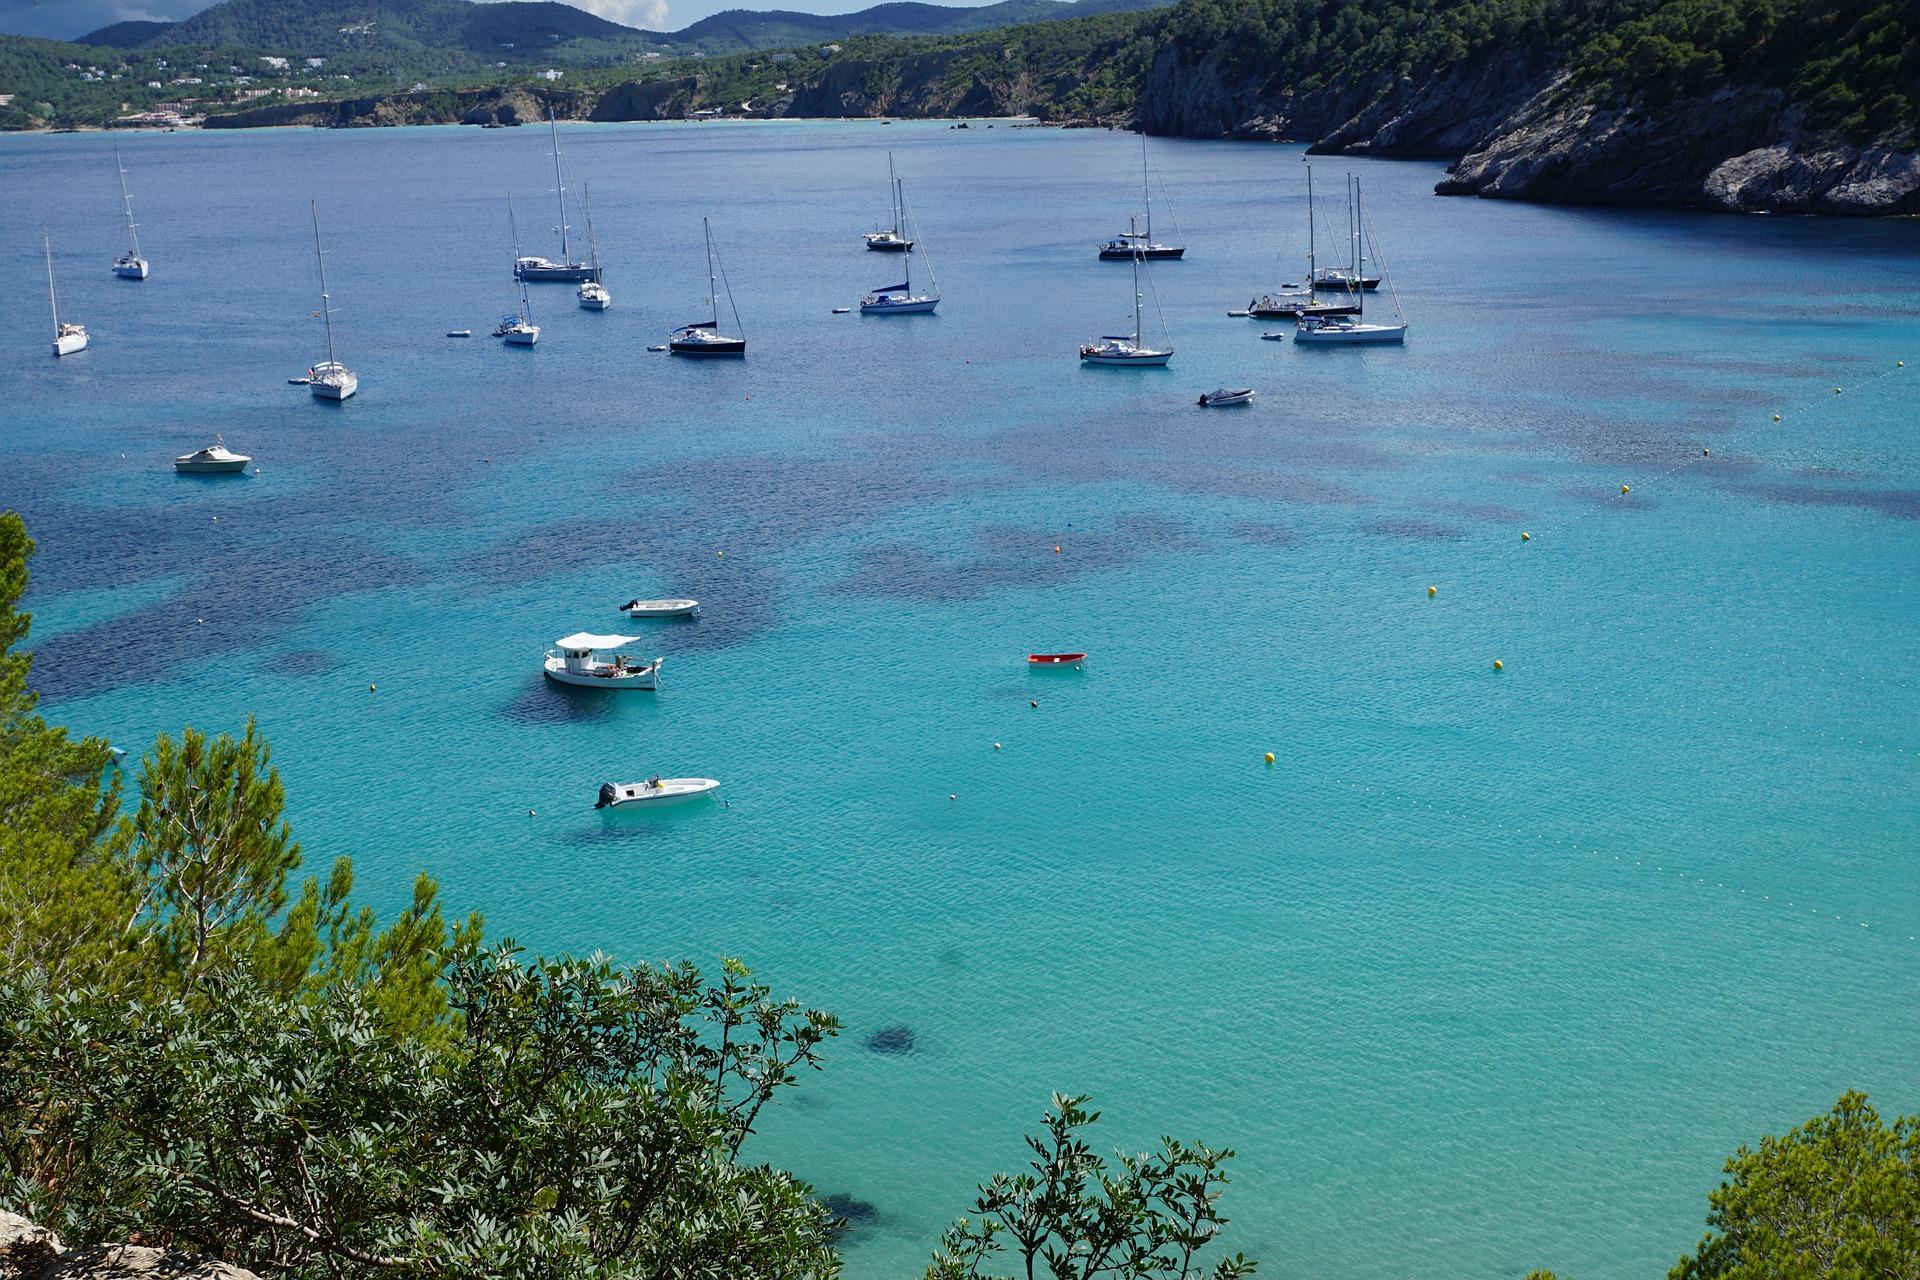 Balearen Urlaub die besten Reisedeals im Überblick - günstiger reisen